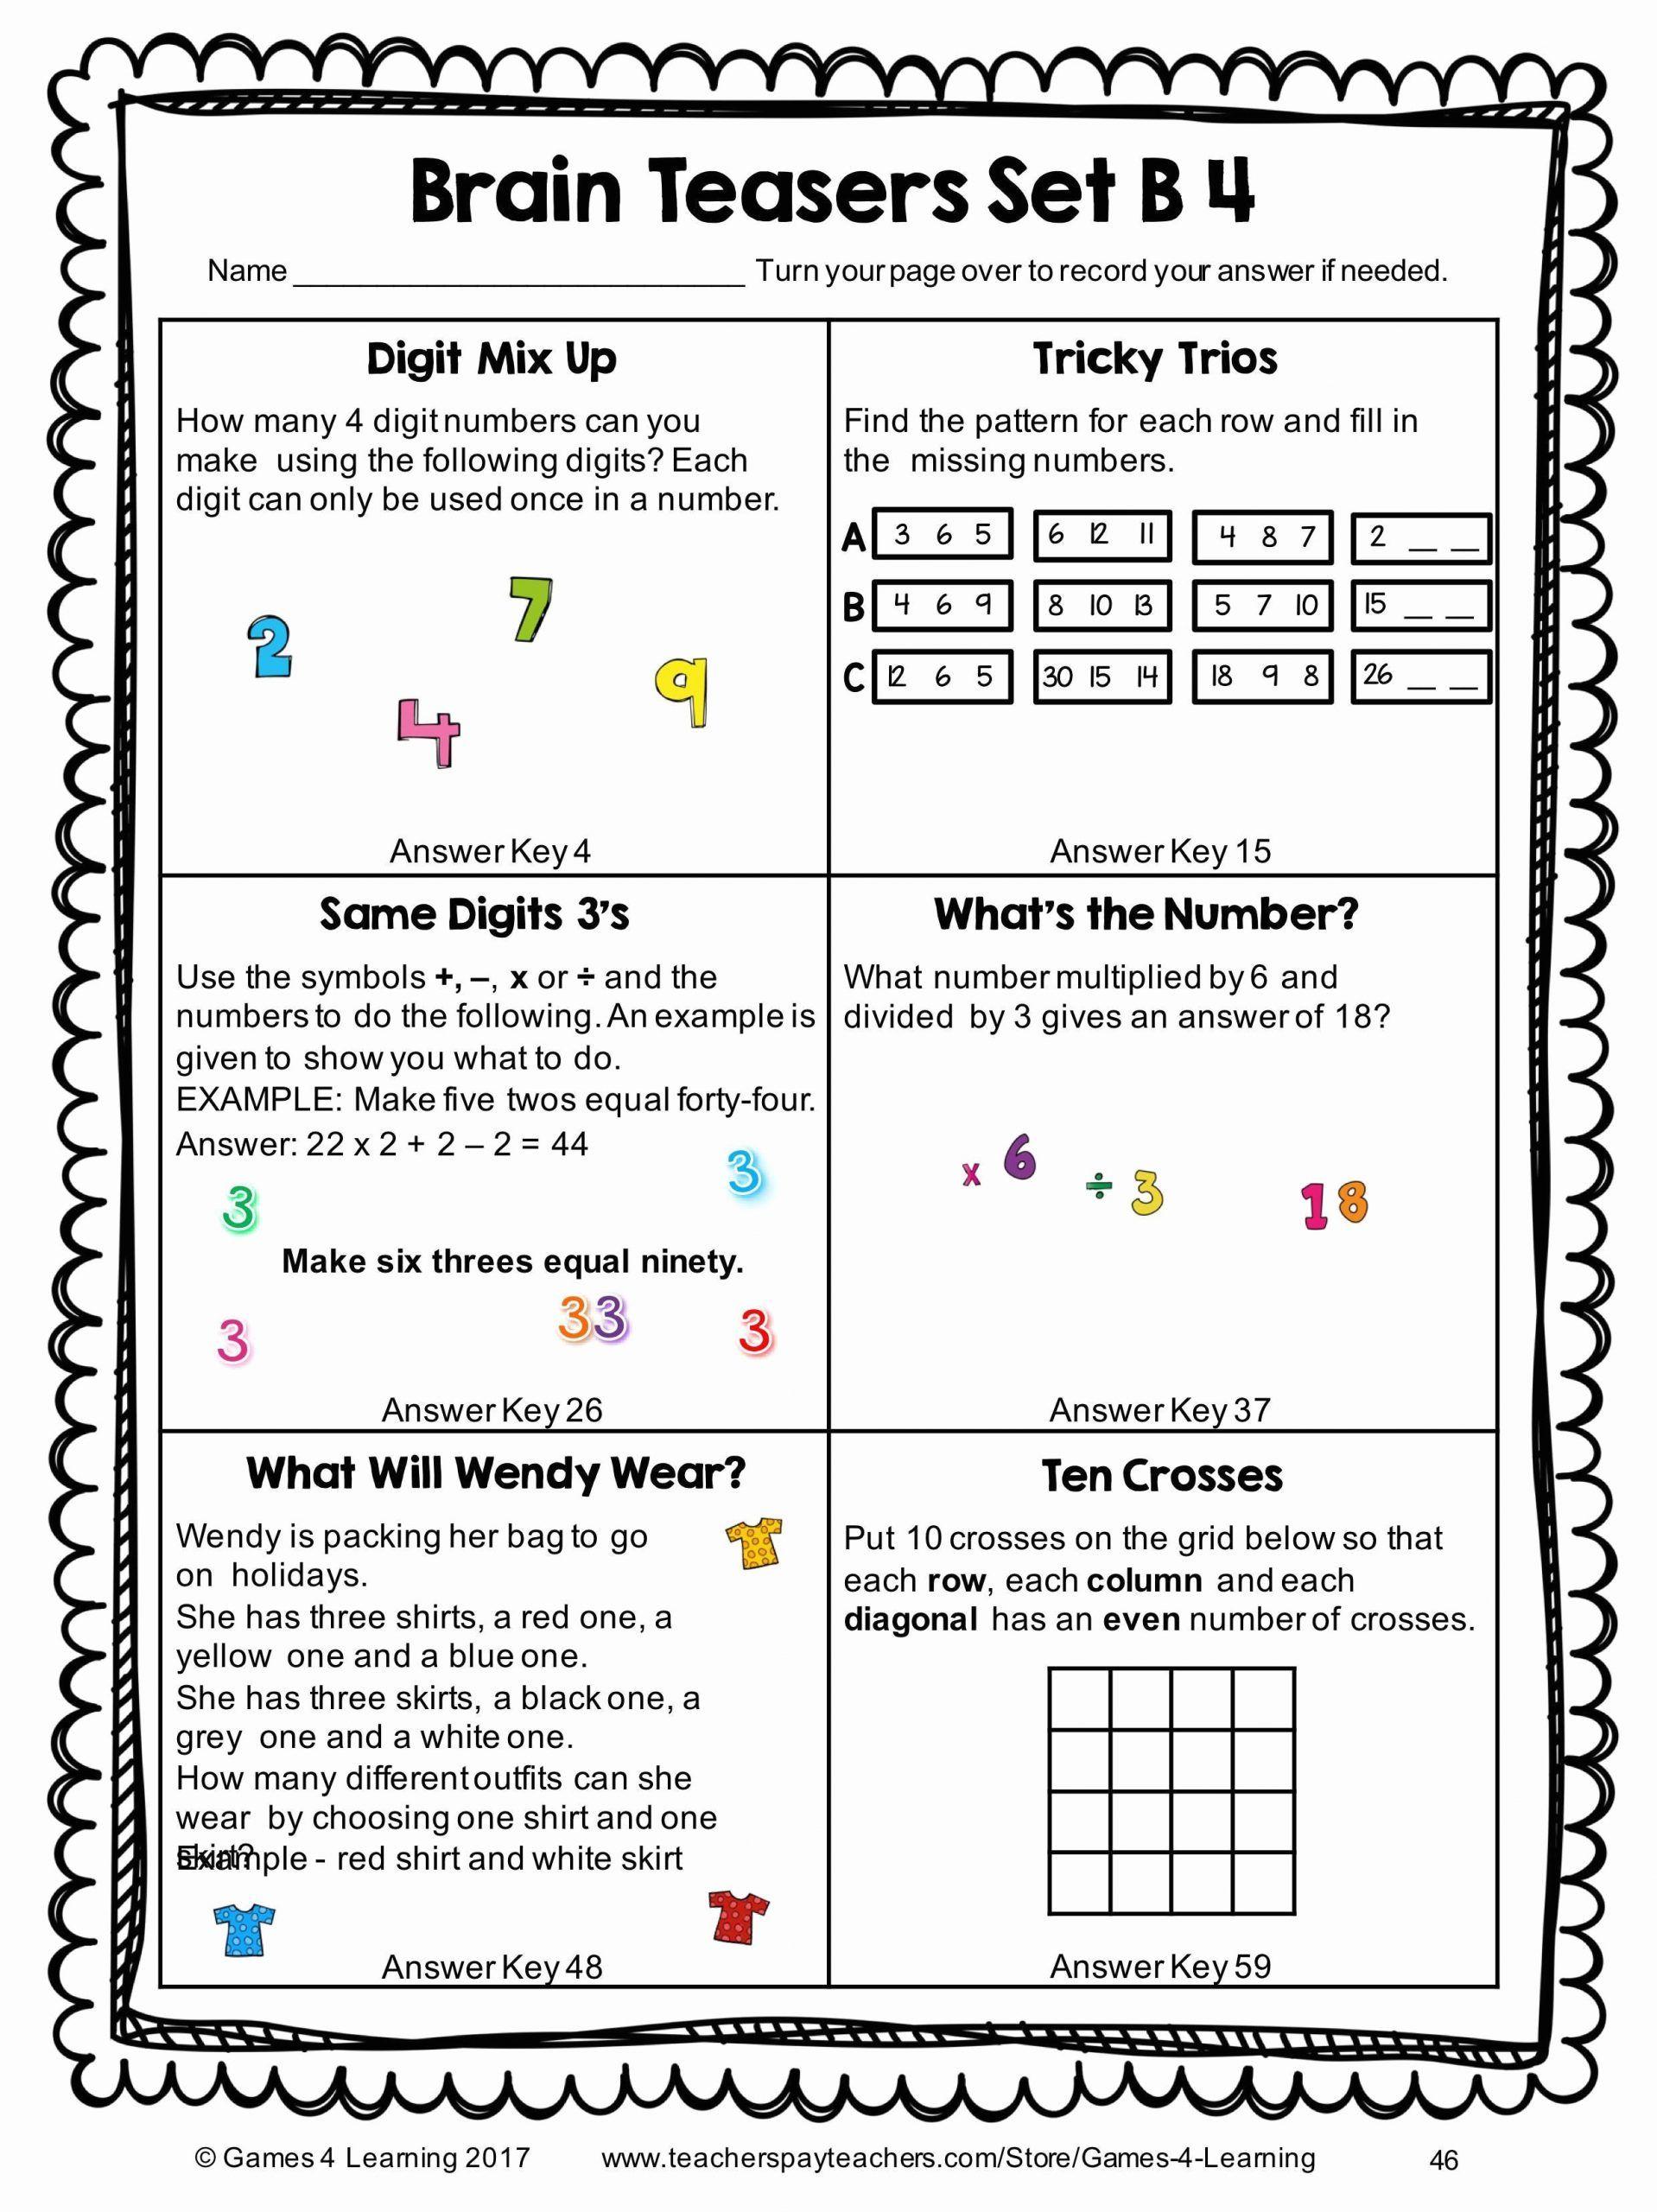 Brain Teasers Printable Worksheets In